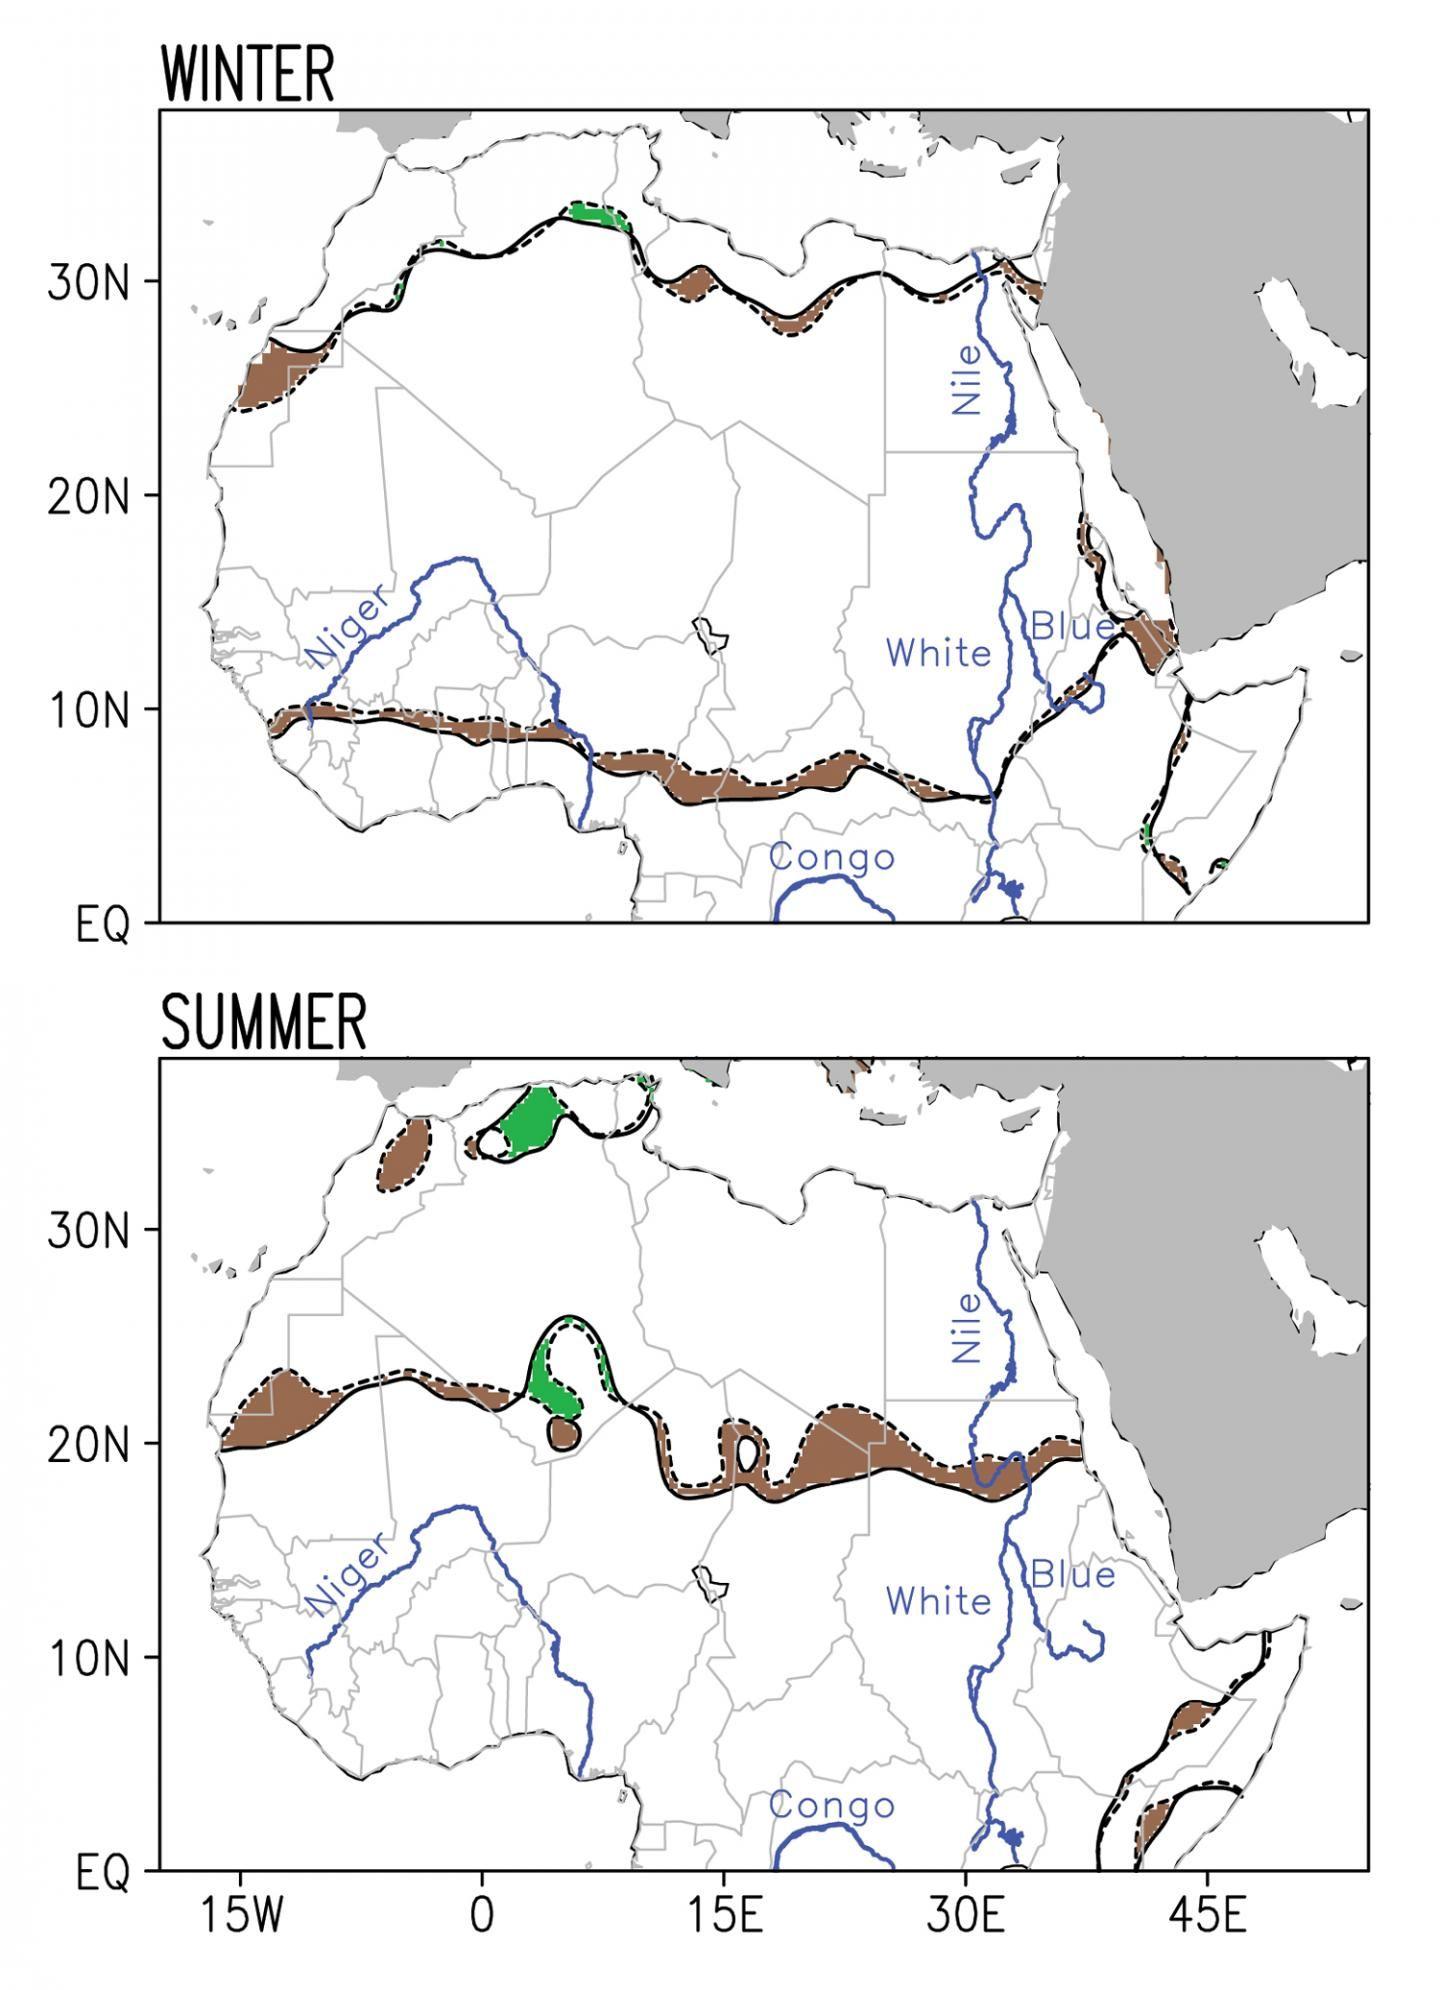 L'augmentation du désert du Sahara de 1920 à 2013. Les lignes pointillées montrent la frontière du désert en 1920 tandis que les lignes pleines montrent cette frontière en 2013. Les régions en marron montrent l'avancée du désert tandis que les régions en vert en montrent le recul - Crédit : Natalie Thomas/Sumant Nigam/University of Maryland.